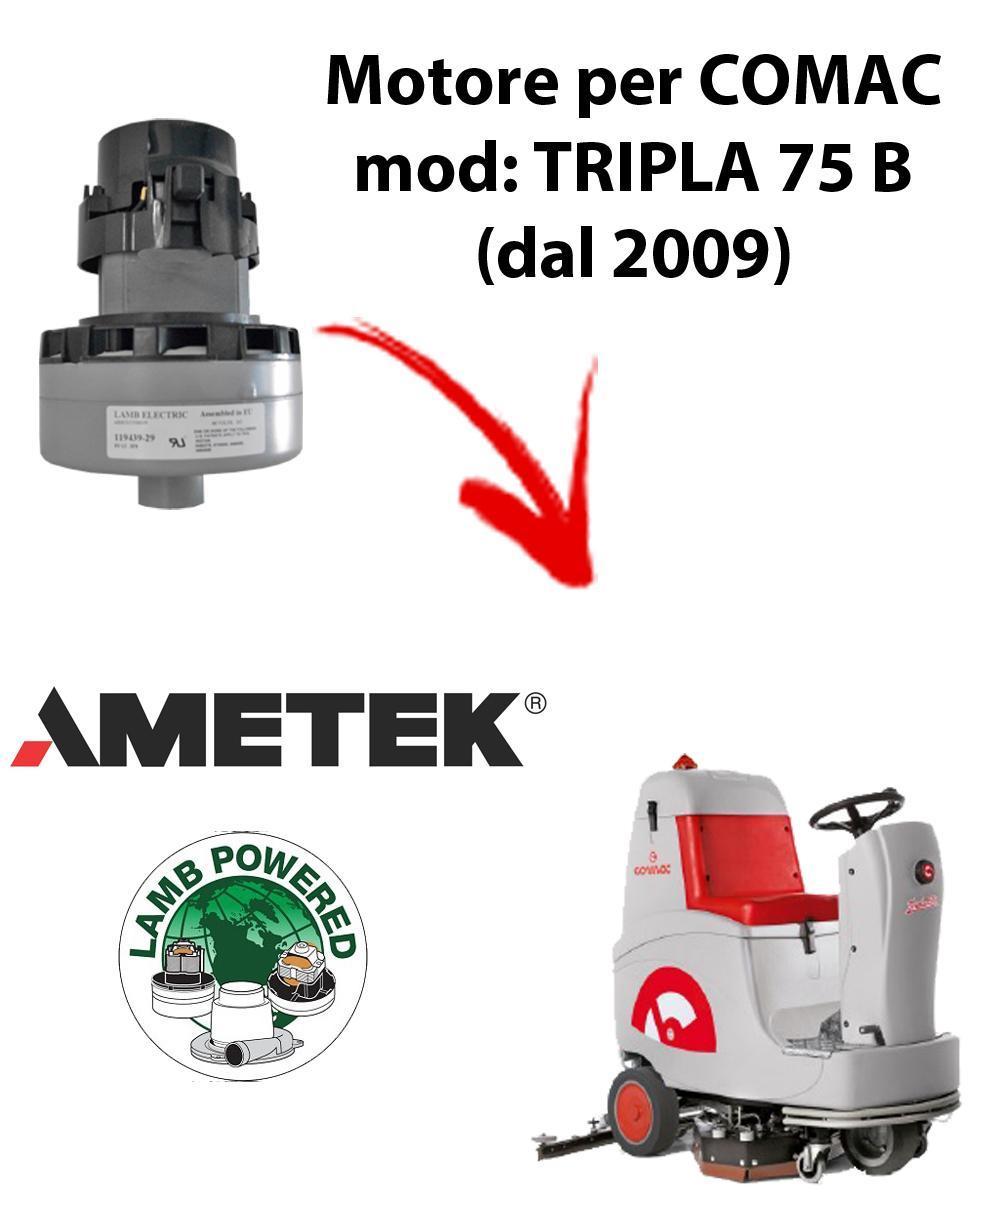 TRIPLA 75 B (dal 2009) Ametek Vacuum Motor for scrubber dryer Comac